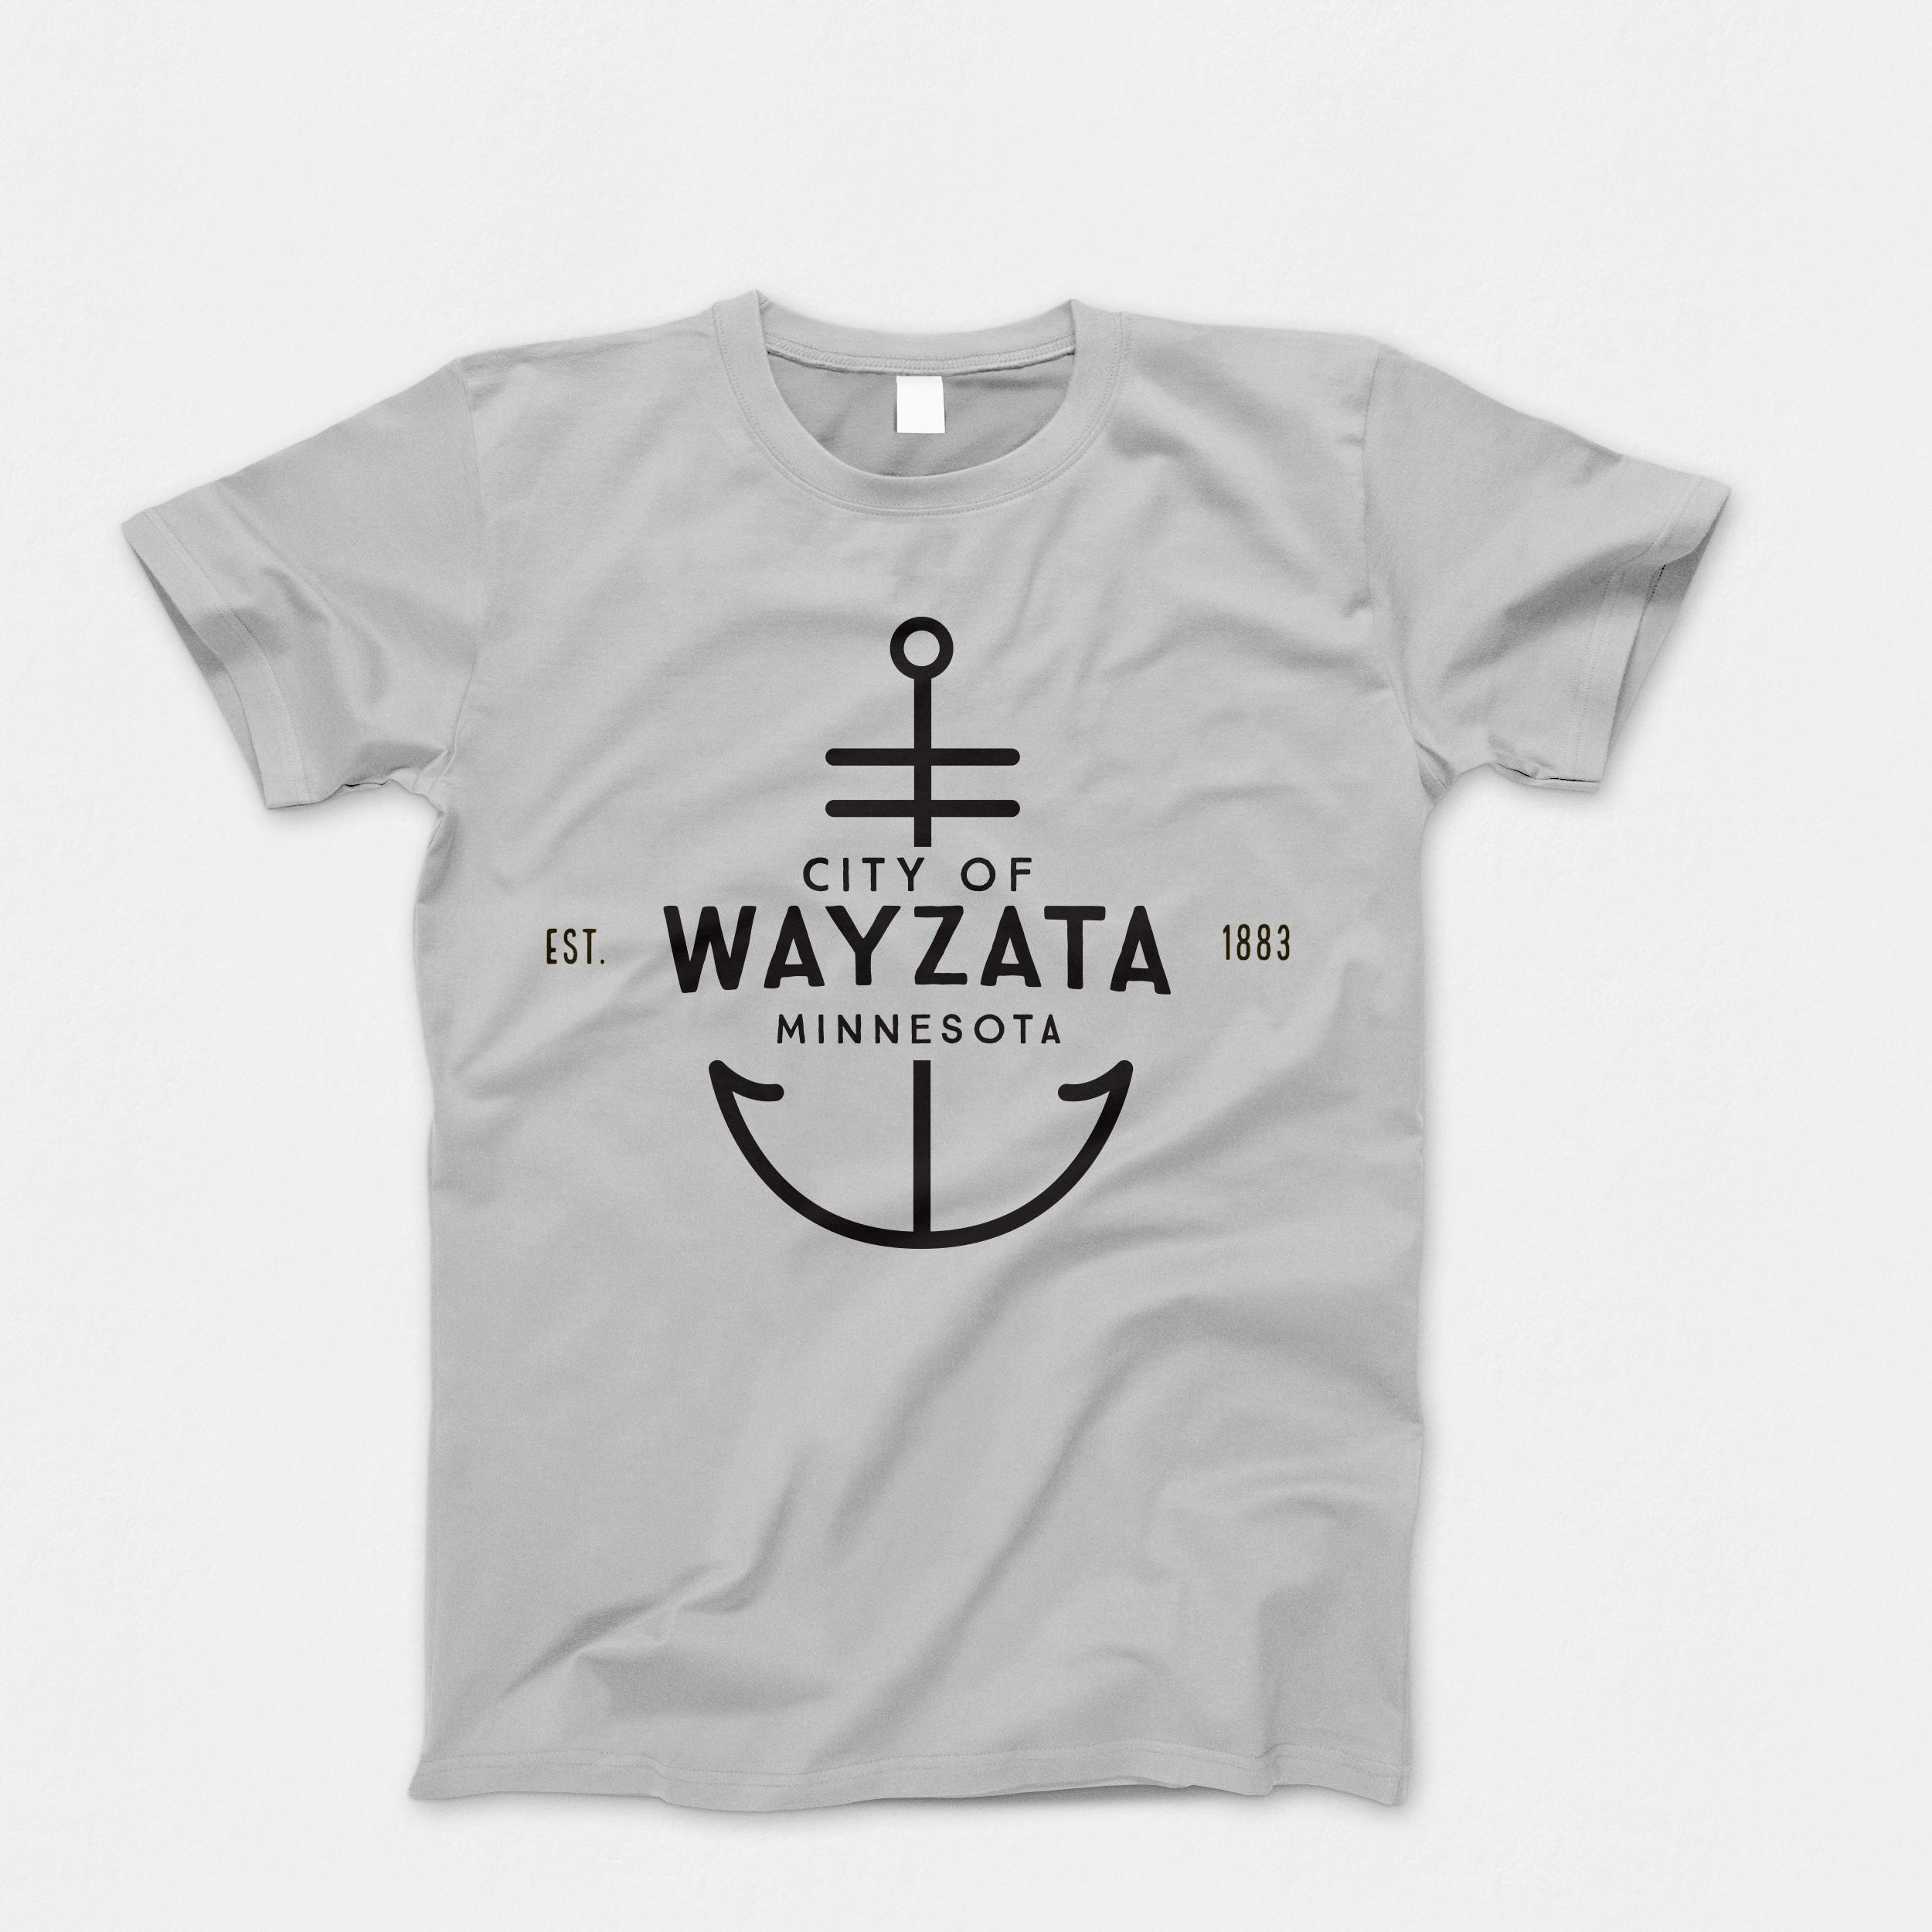 WazyataAnchor.jpg